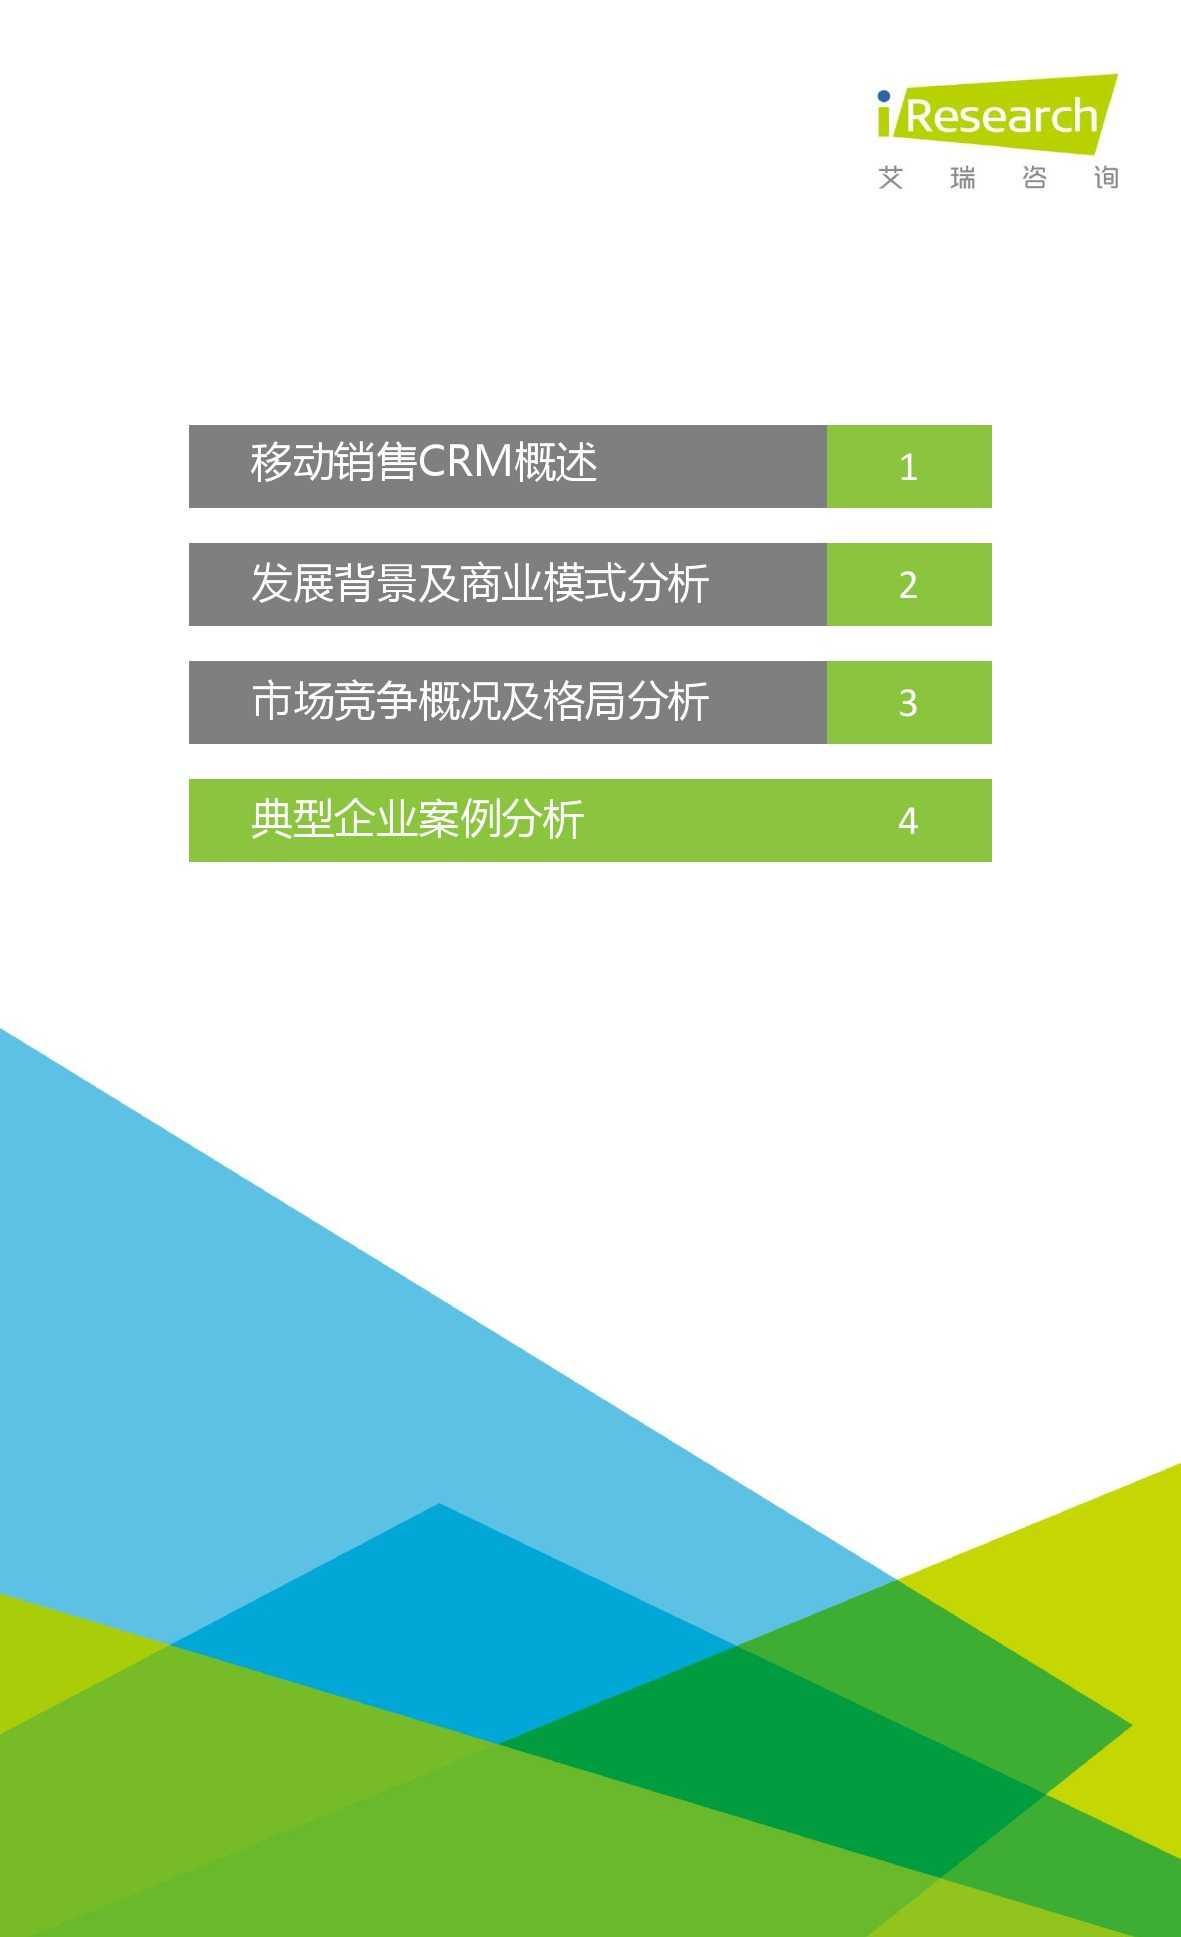 2015年中国移动销售CRM行业研究报告_000034